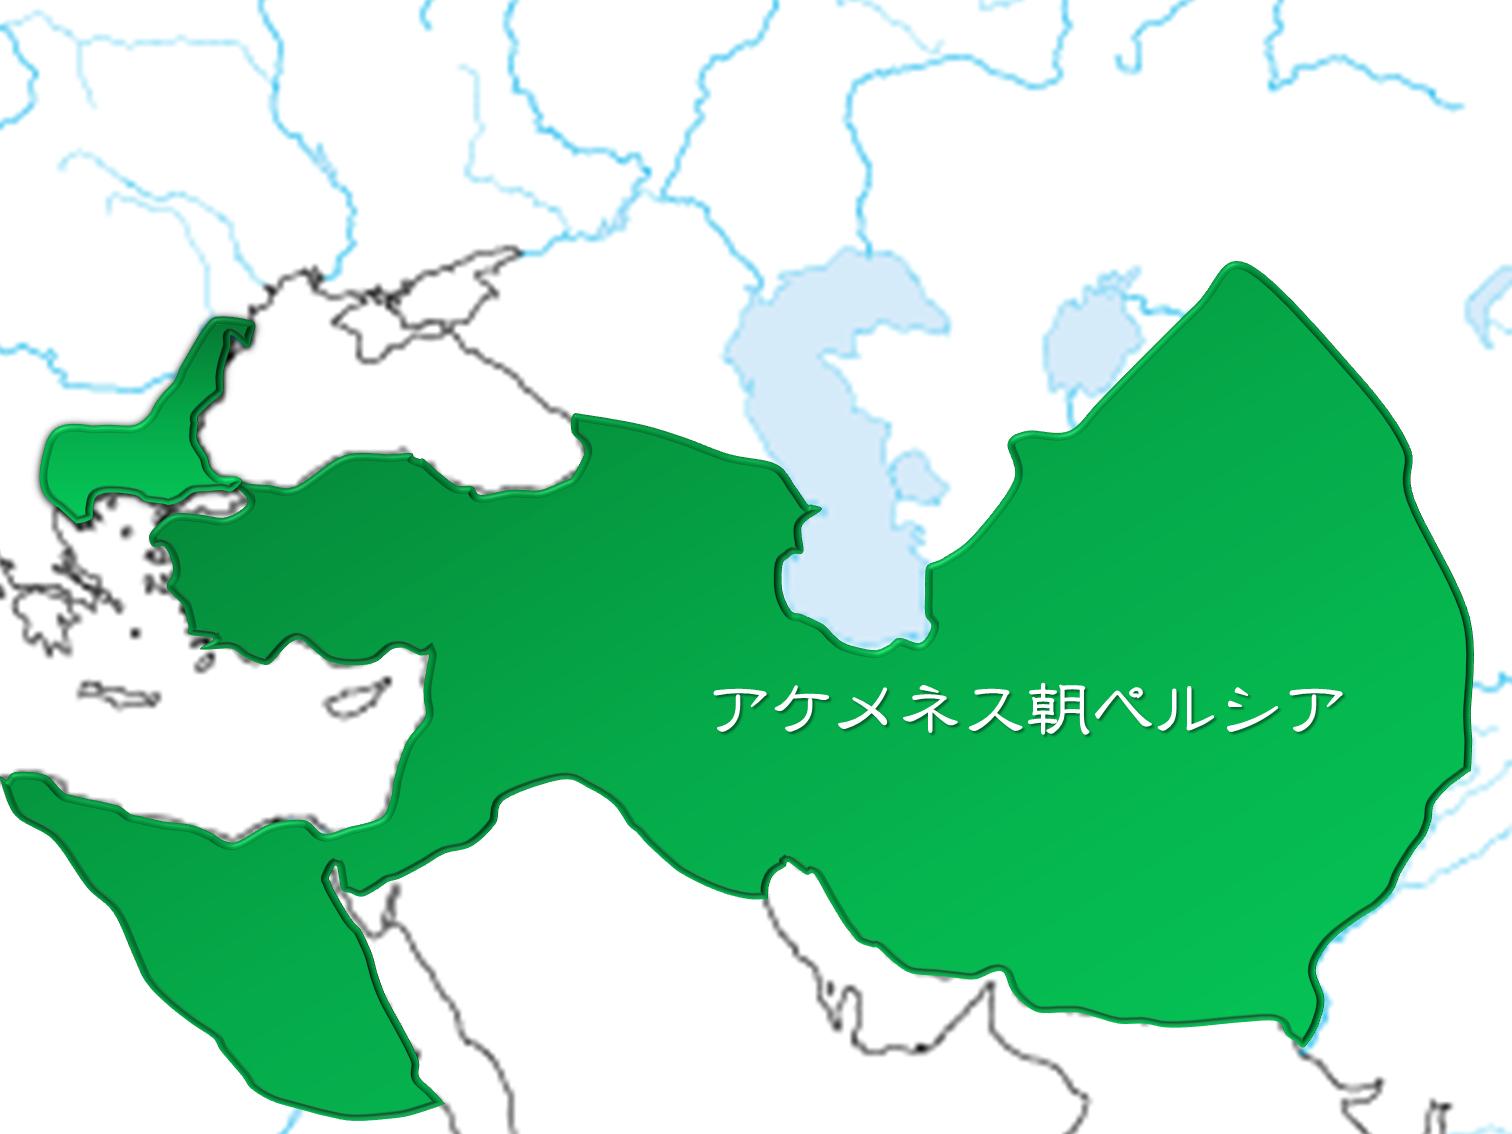 アケメネス朝ペルシアのオリエント世界の統一とその政策